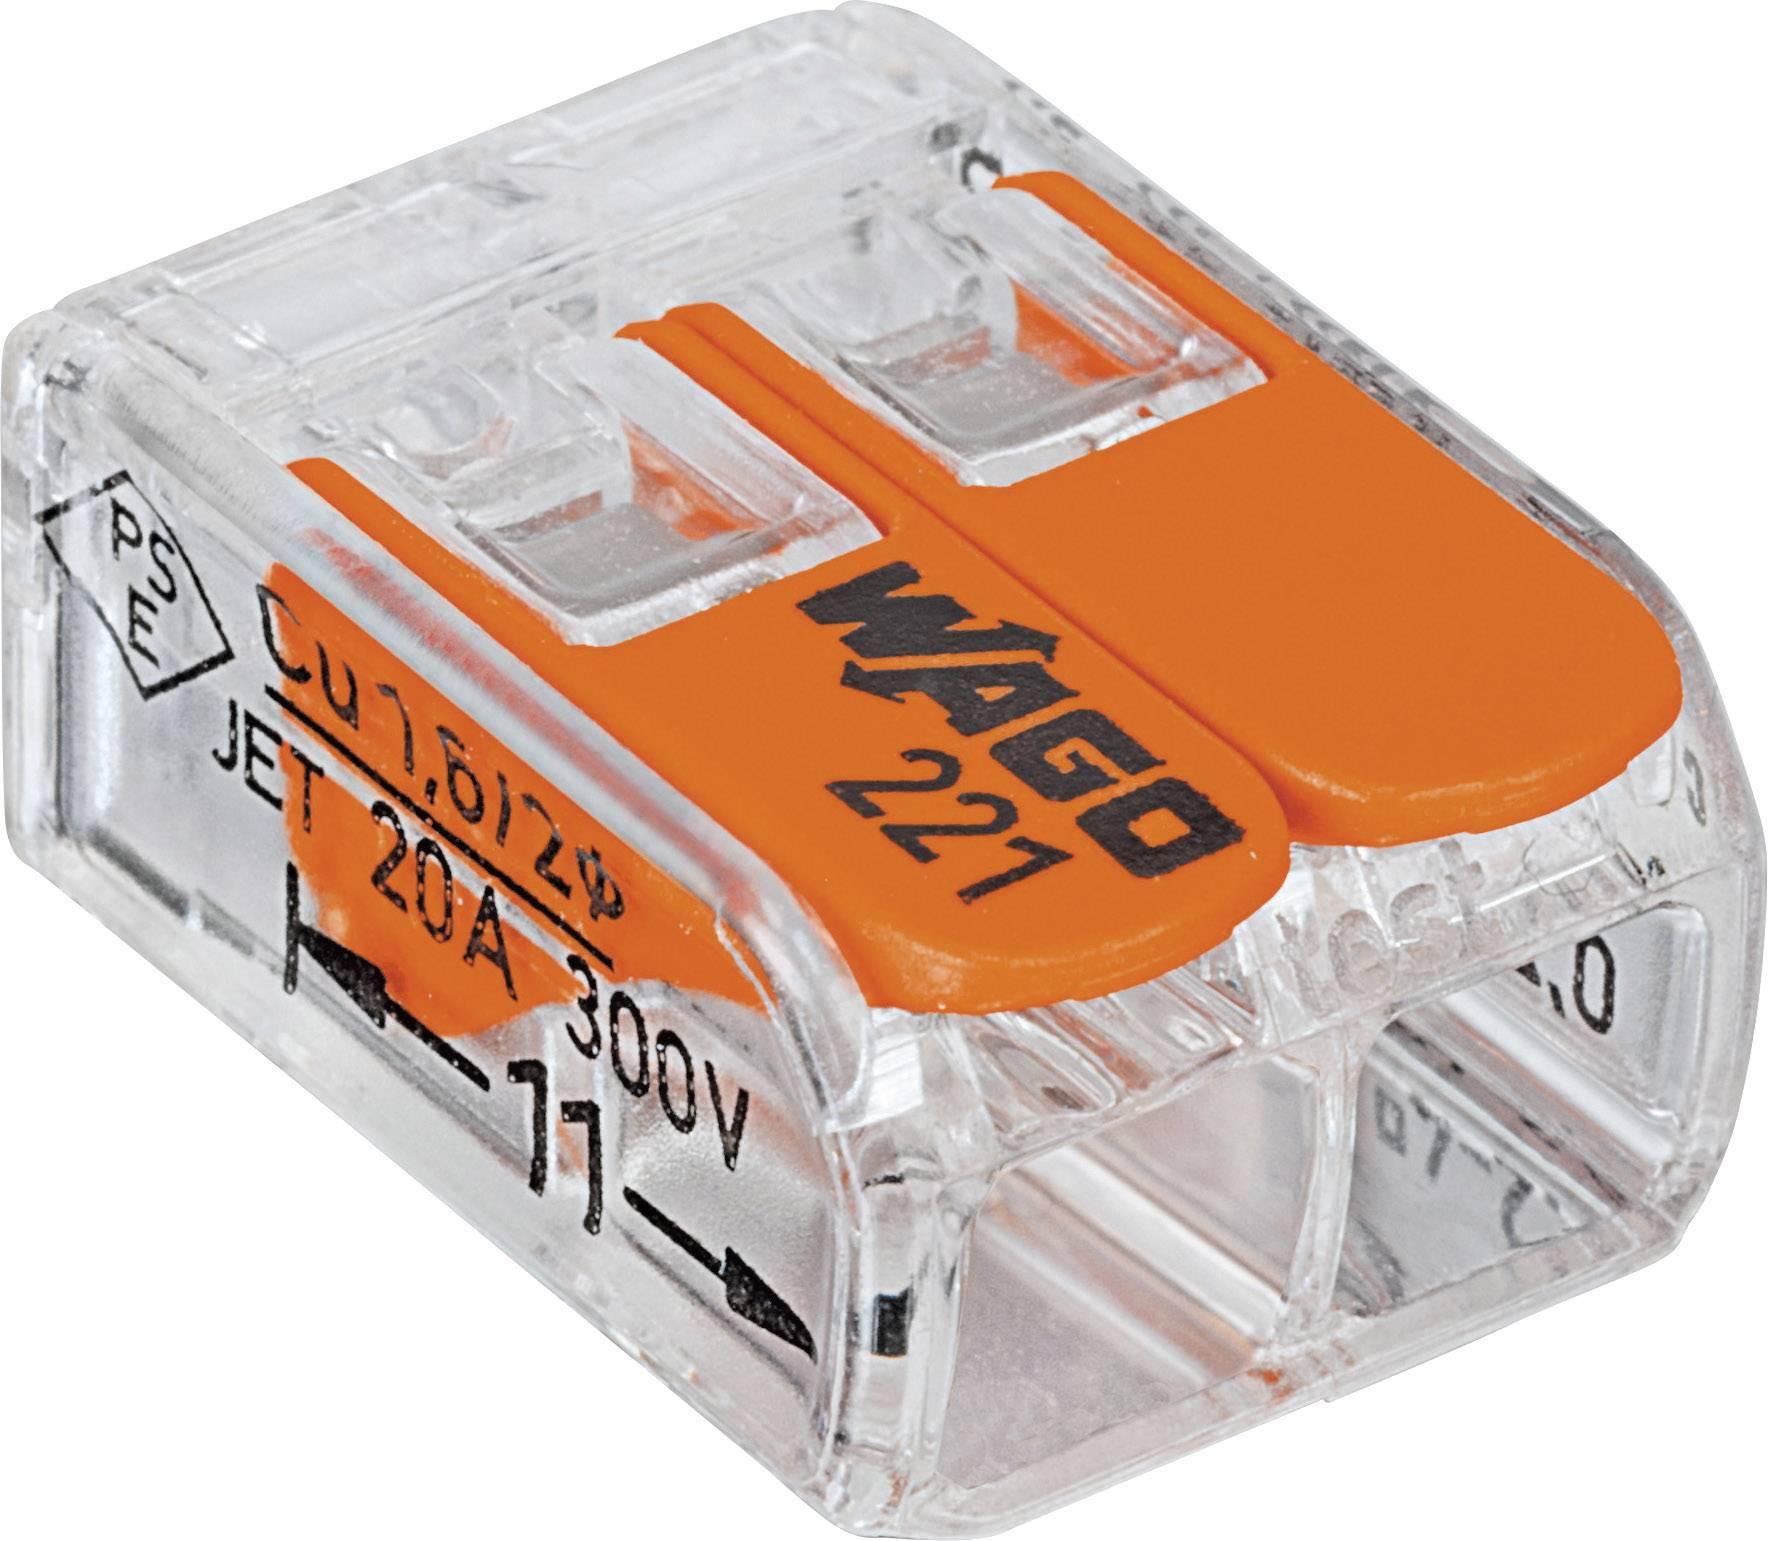 Kabelová svorka WAGO 221-412 pro kabel o rozměru 0.14-4 mm², pólů 2, 100 ks, transparentní, oranžová